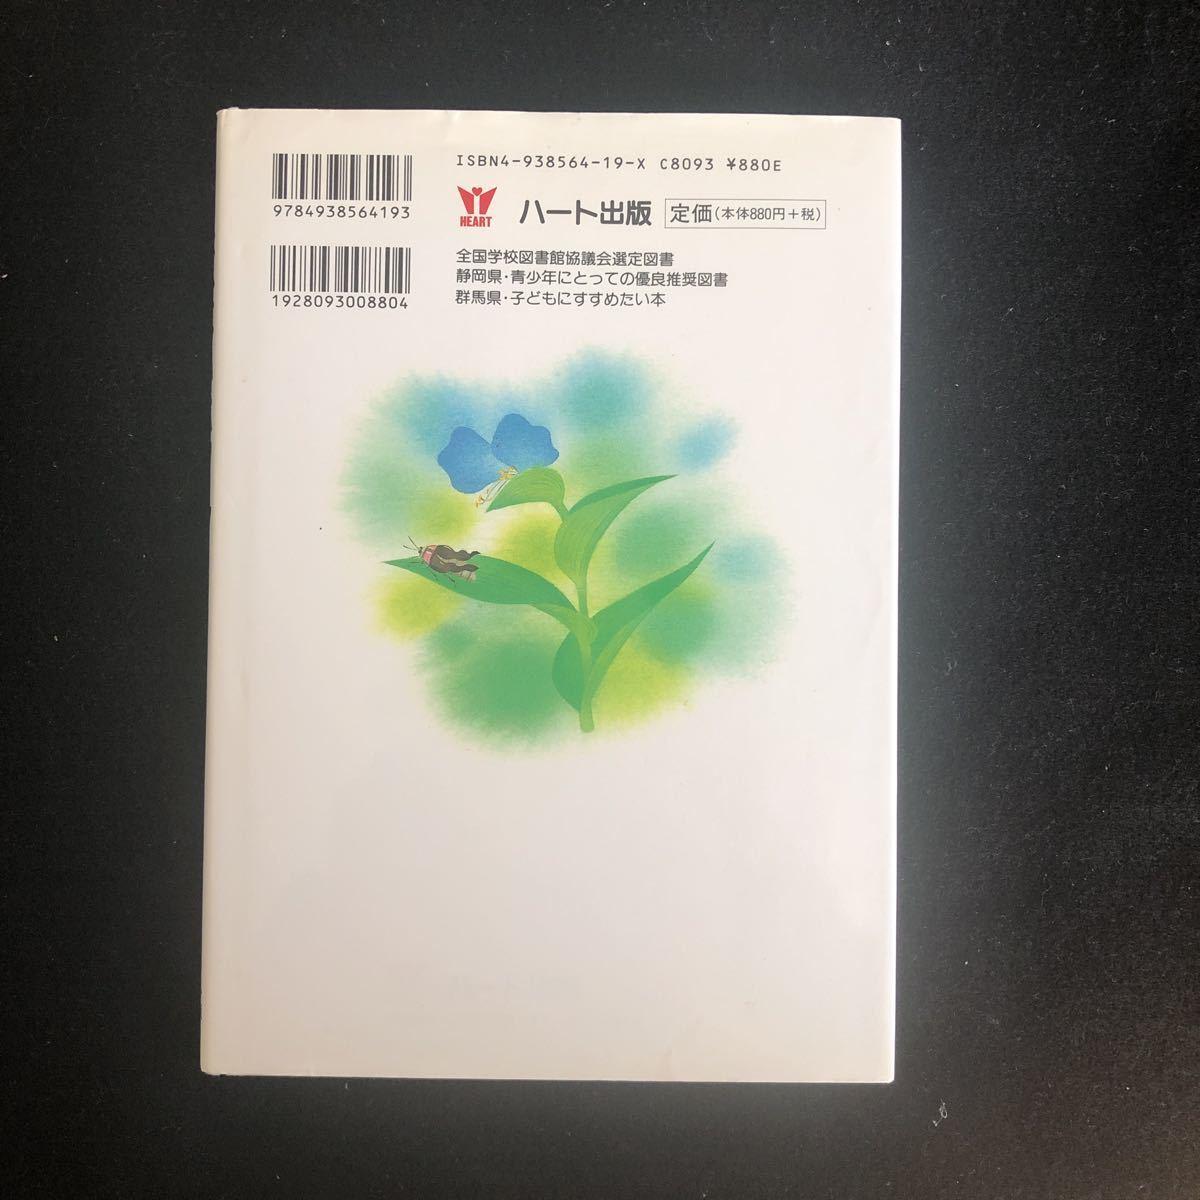 ◆ 全国学校図書館協議会選定図書 小沢昭巳作 森寛子画【とべないホタル】 ◆_画像2